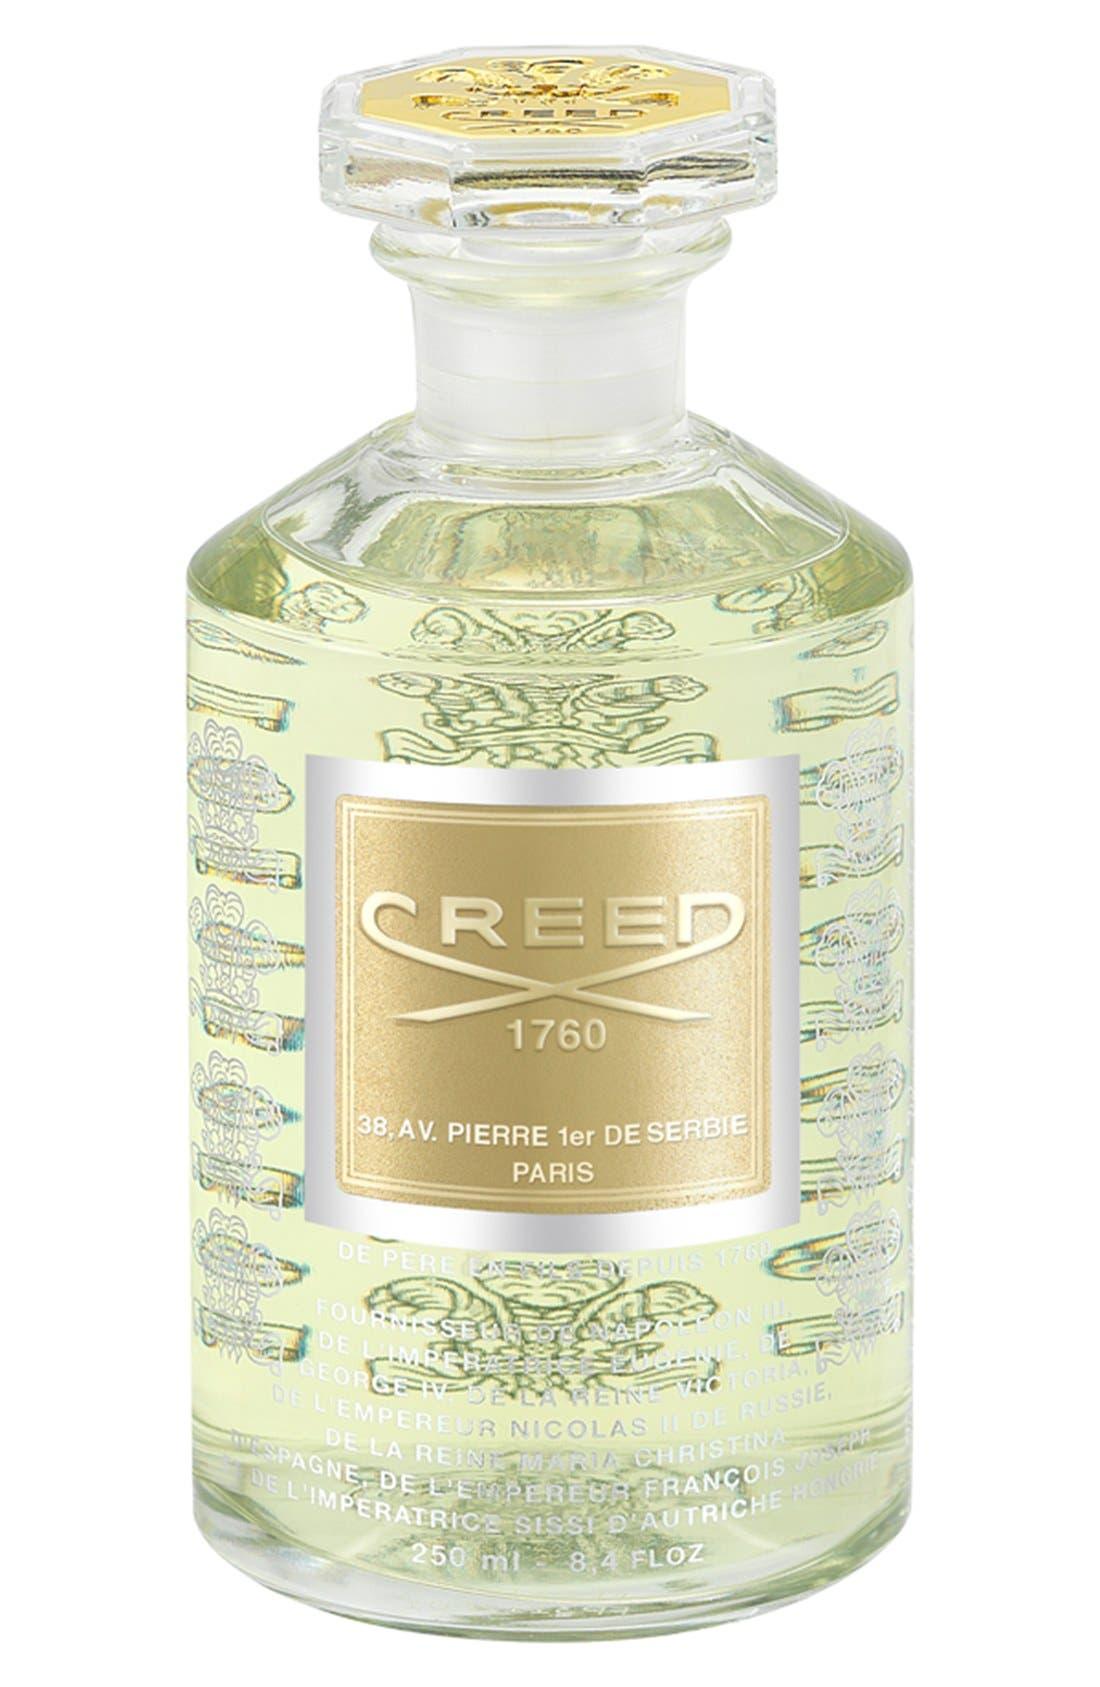 Creed 'Erolfa' Fragrance (8.4 oz.)